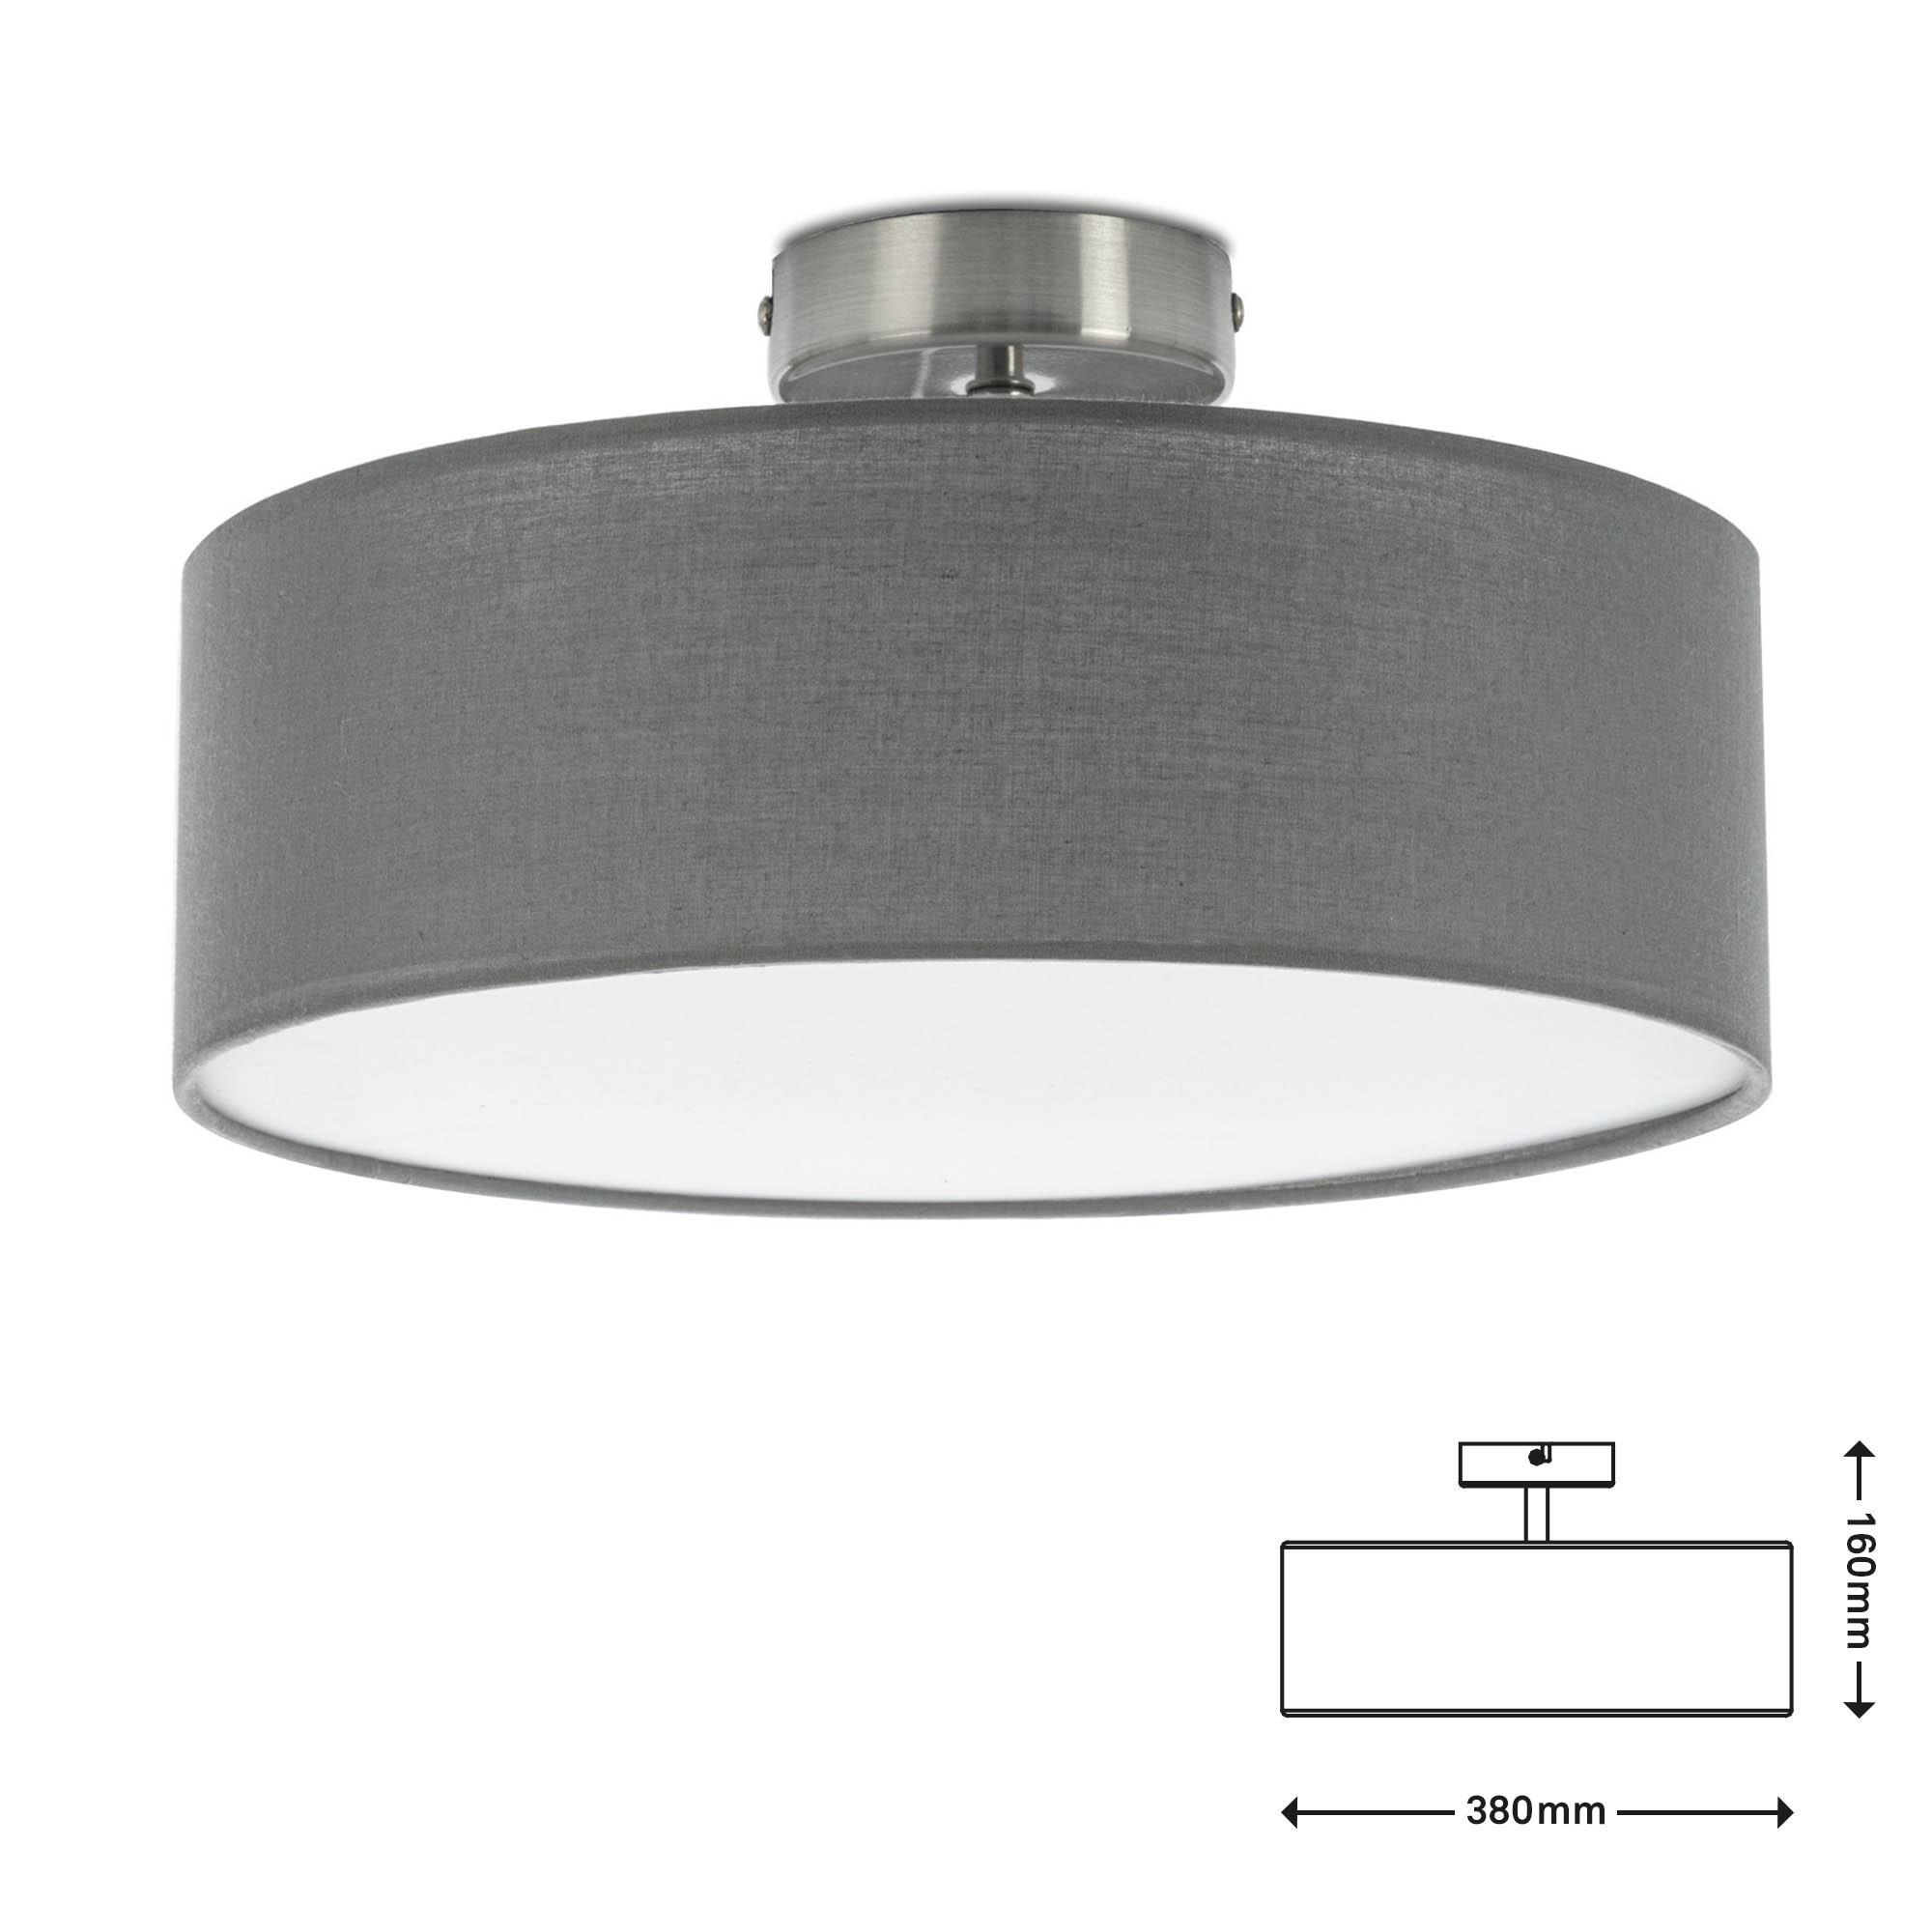 Stoff Deckenleuchte, Ø 38 cm, max. 40 W, Grau